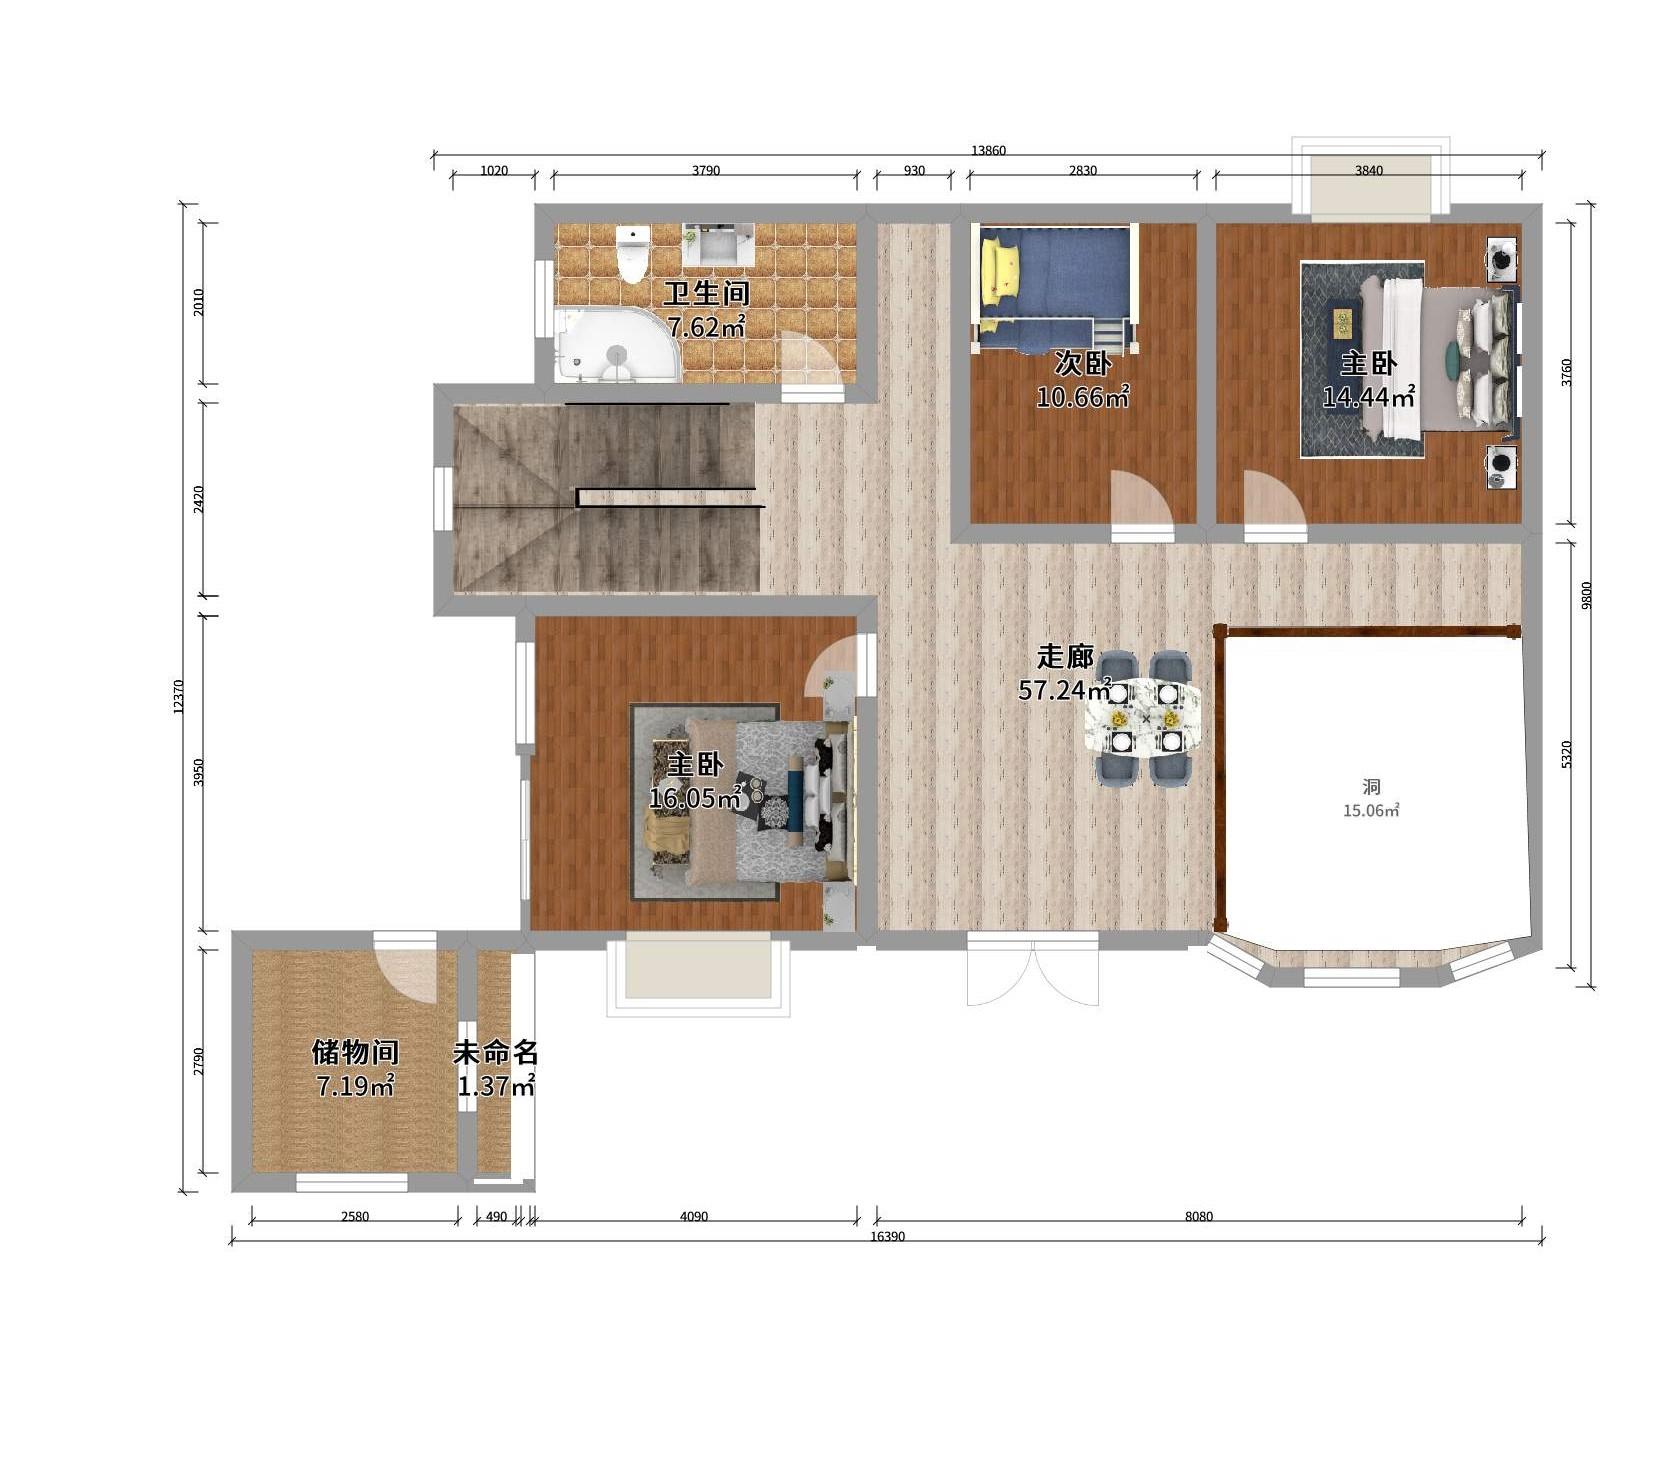 整体户型是农村自建房三间两层半,宽12米,长9米左右,房还没建,楼梯间